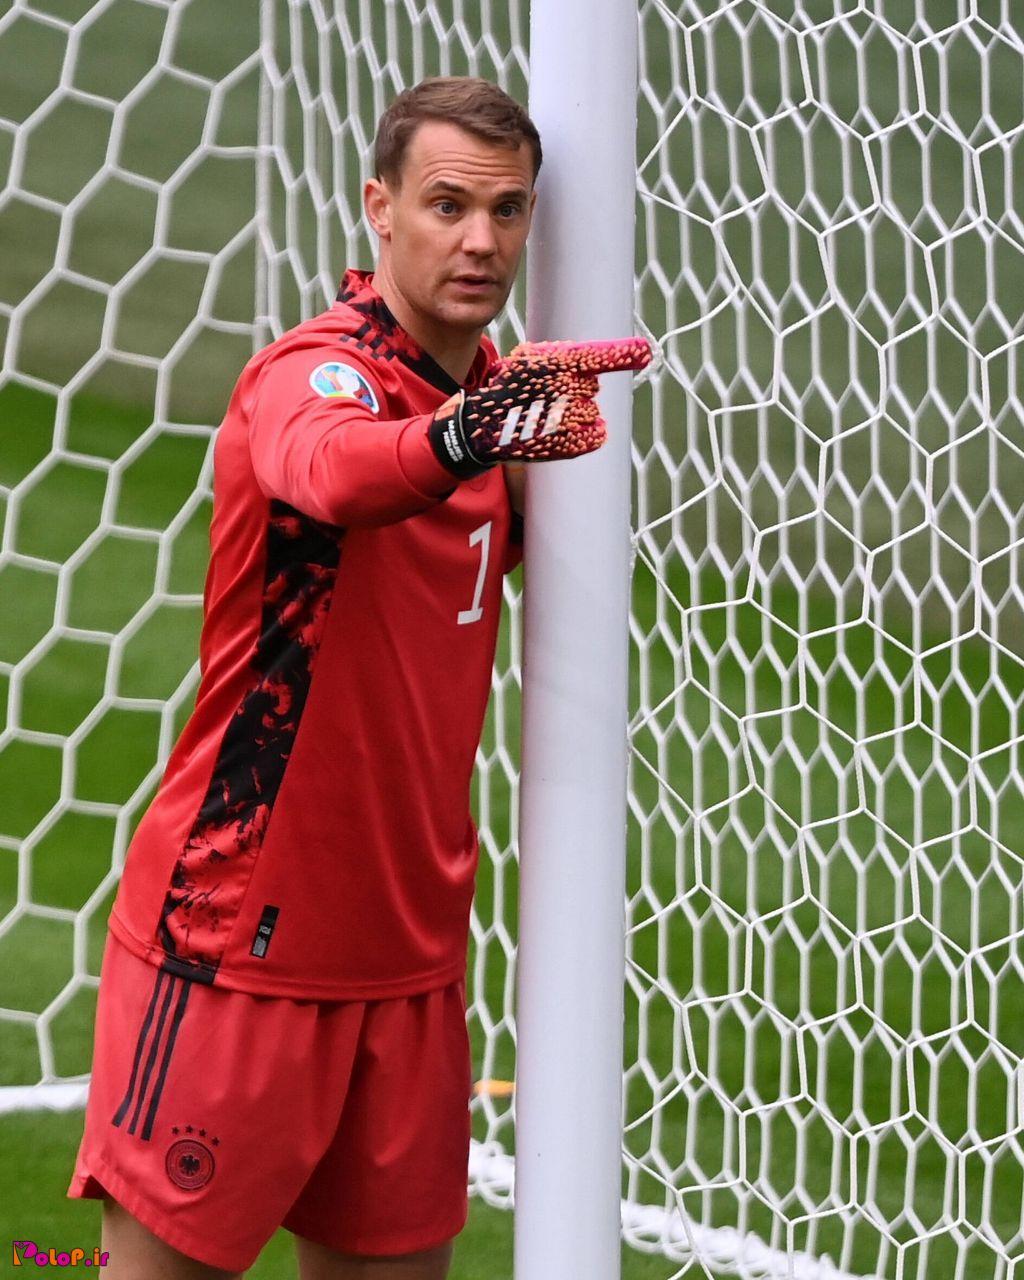 مانوئل نویر ۱۰۰٪ سنگربان و کاپیتان تیم ملی آلمان در جام جهانی ۲۰۲۲ خواهد بود.